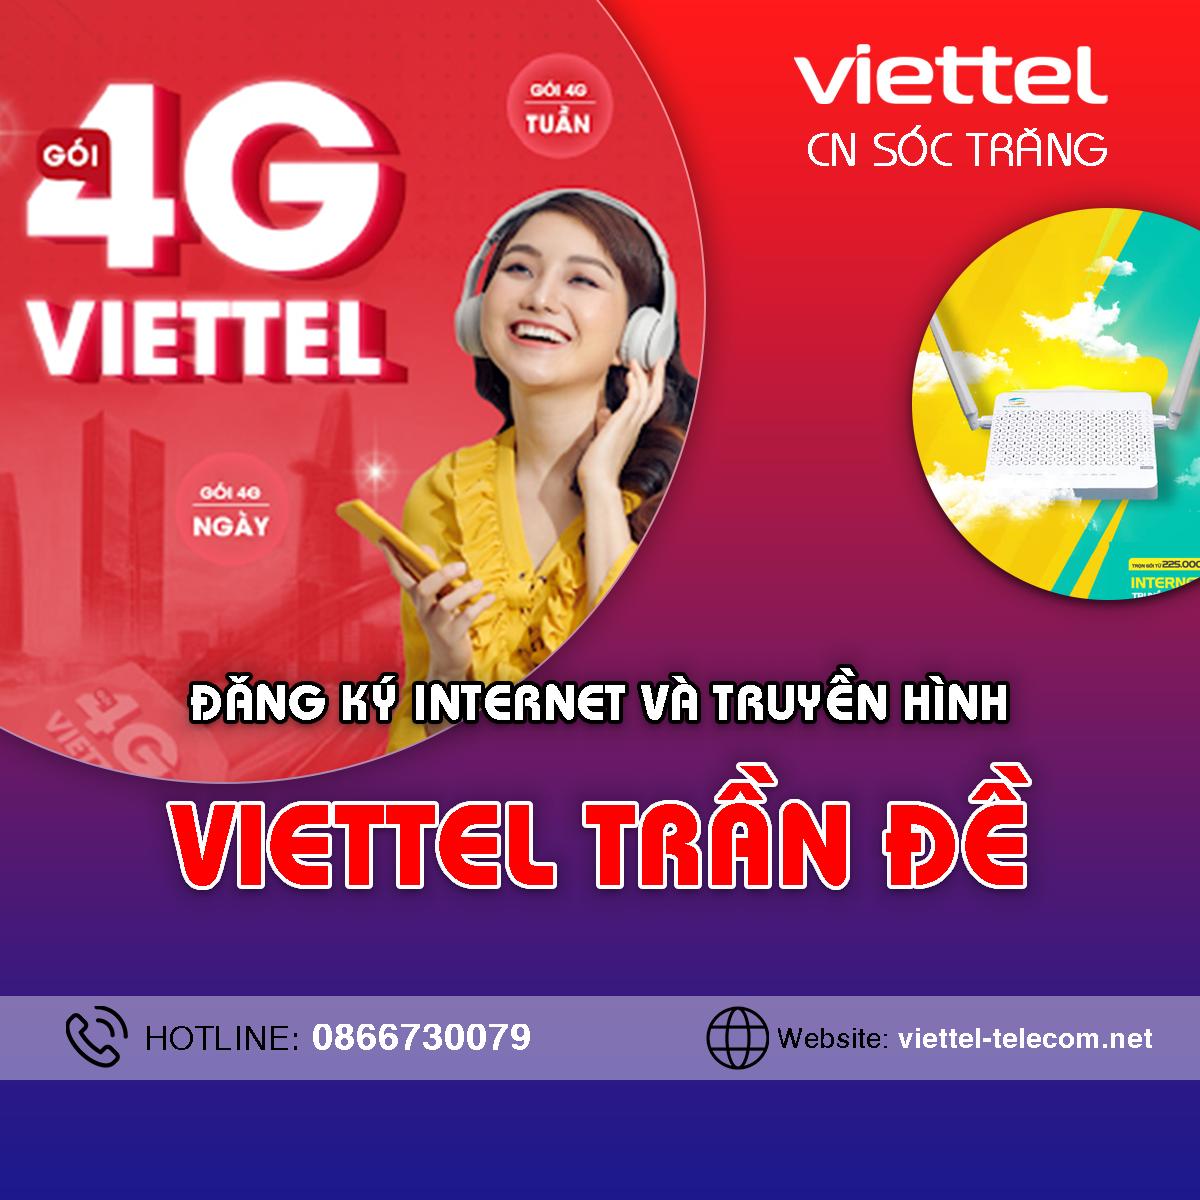 Cửa hàng Viettel huyện Trần Đề